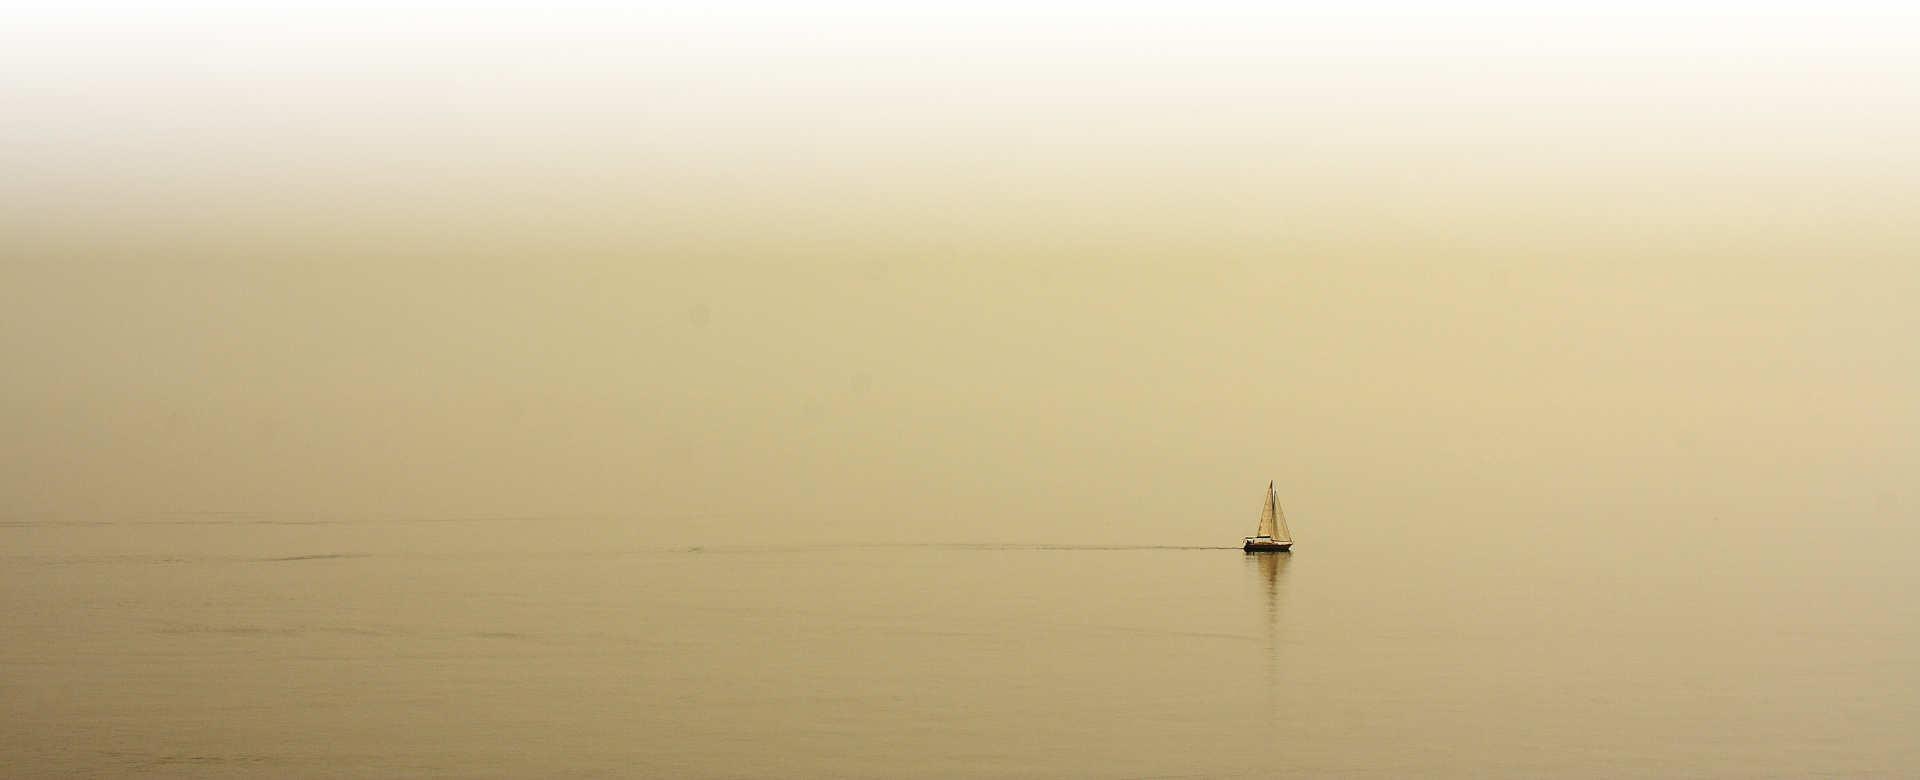 Velero en mar calmado